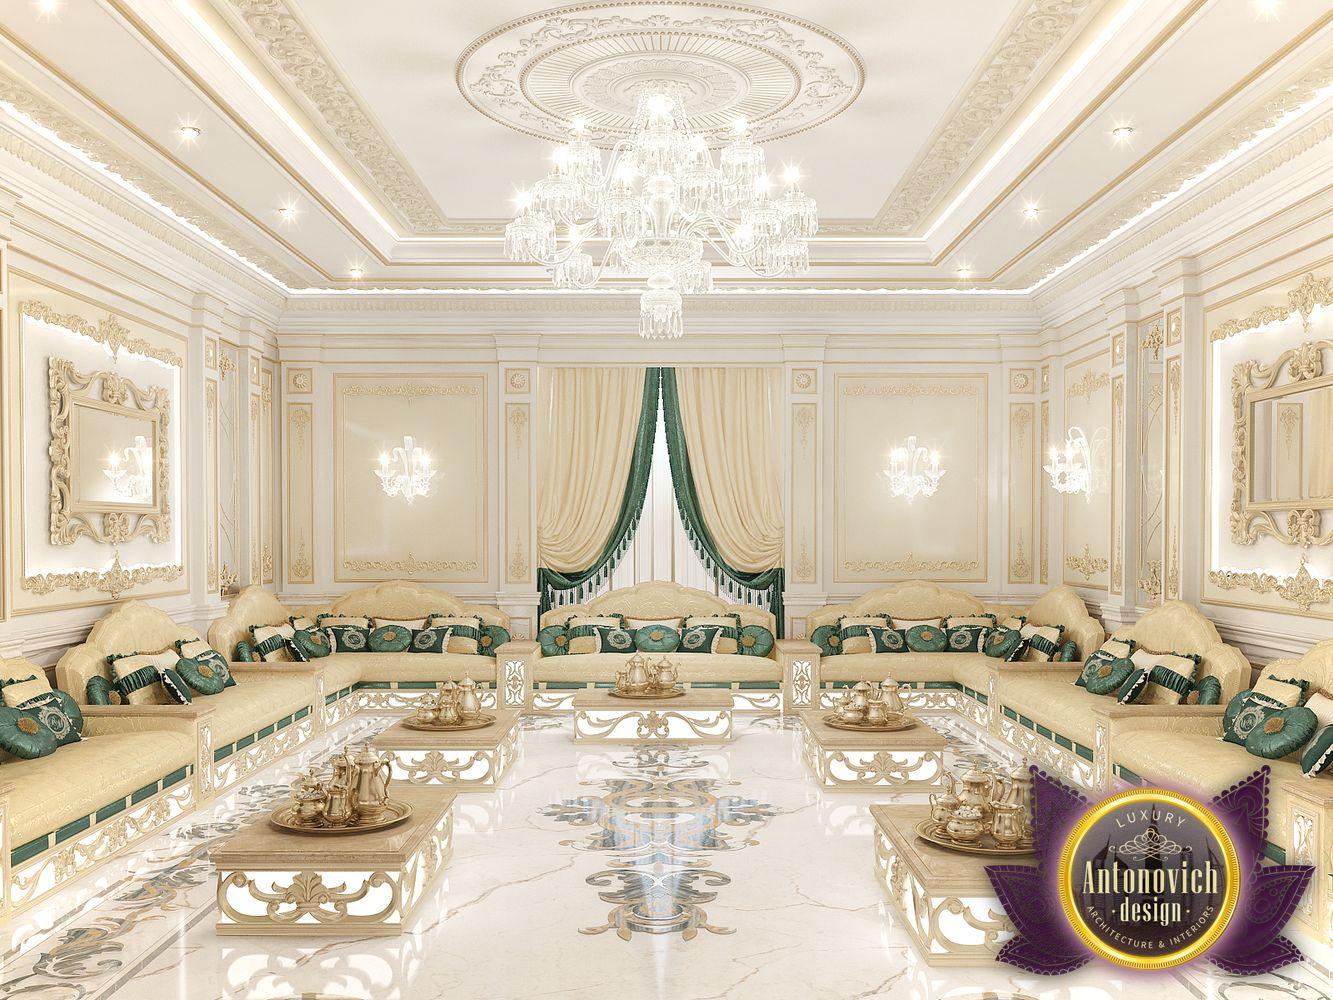 Arabic Majlis Interior Design From Luxury Antonovich Design Architizer